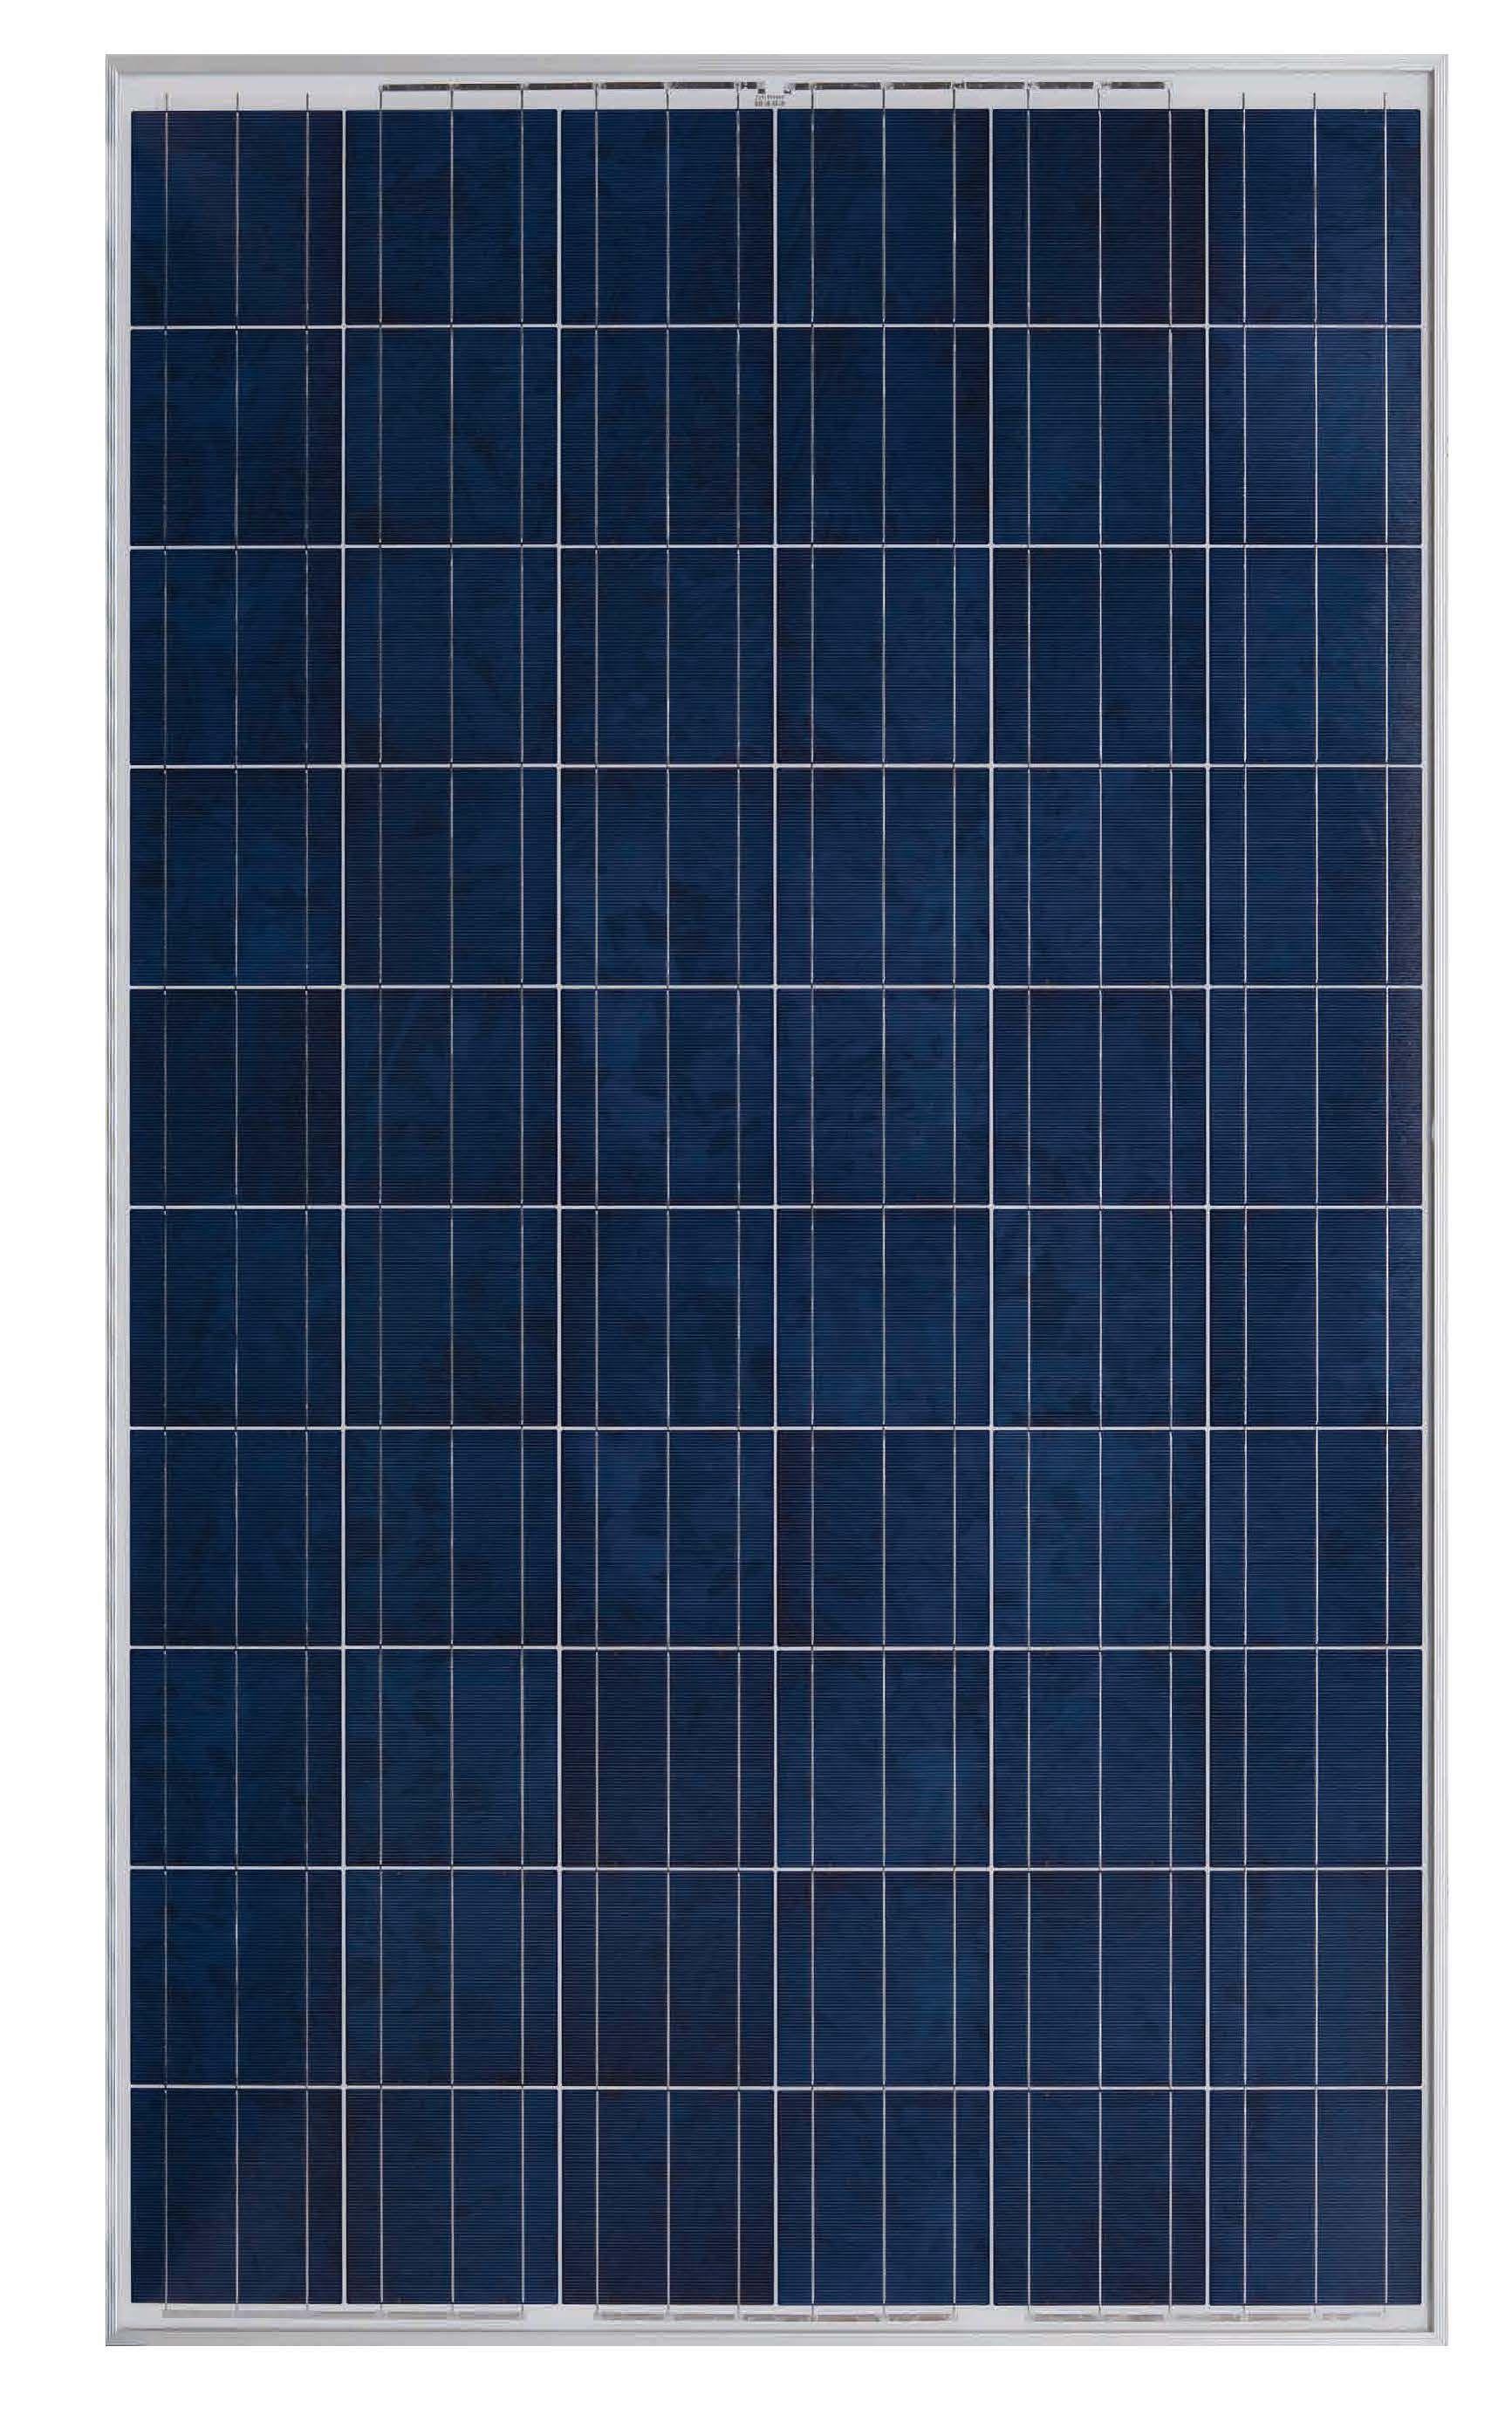 Solar Panels For Sale Buy Solar Panels Online Solar Panels For Sale Solar Panel Cost Solar Panel Technology